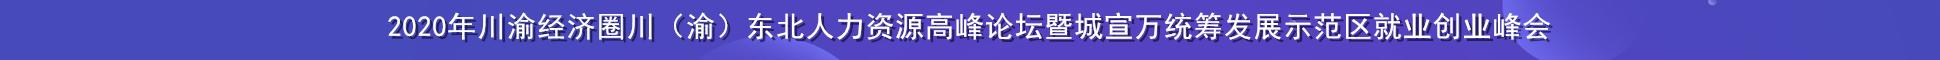 2020年川(渝)东北人力资源高峰论坛暨万达开川渝统筹发展示范区人力资源交流会